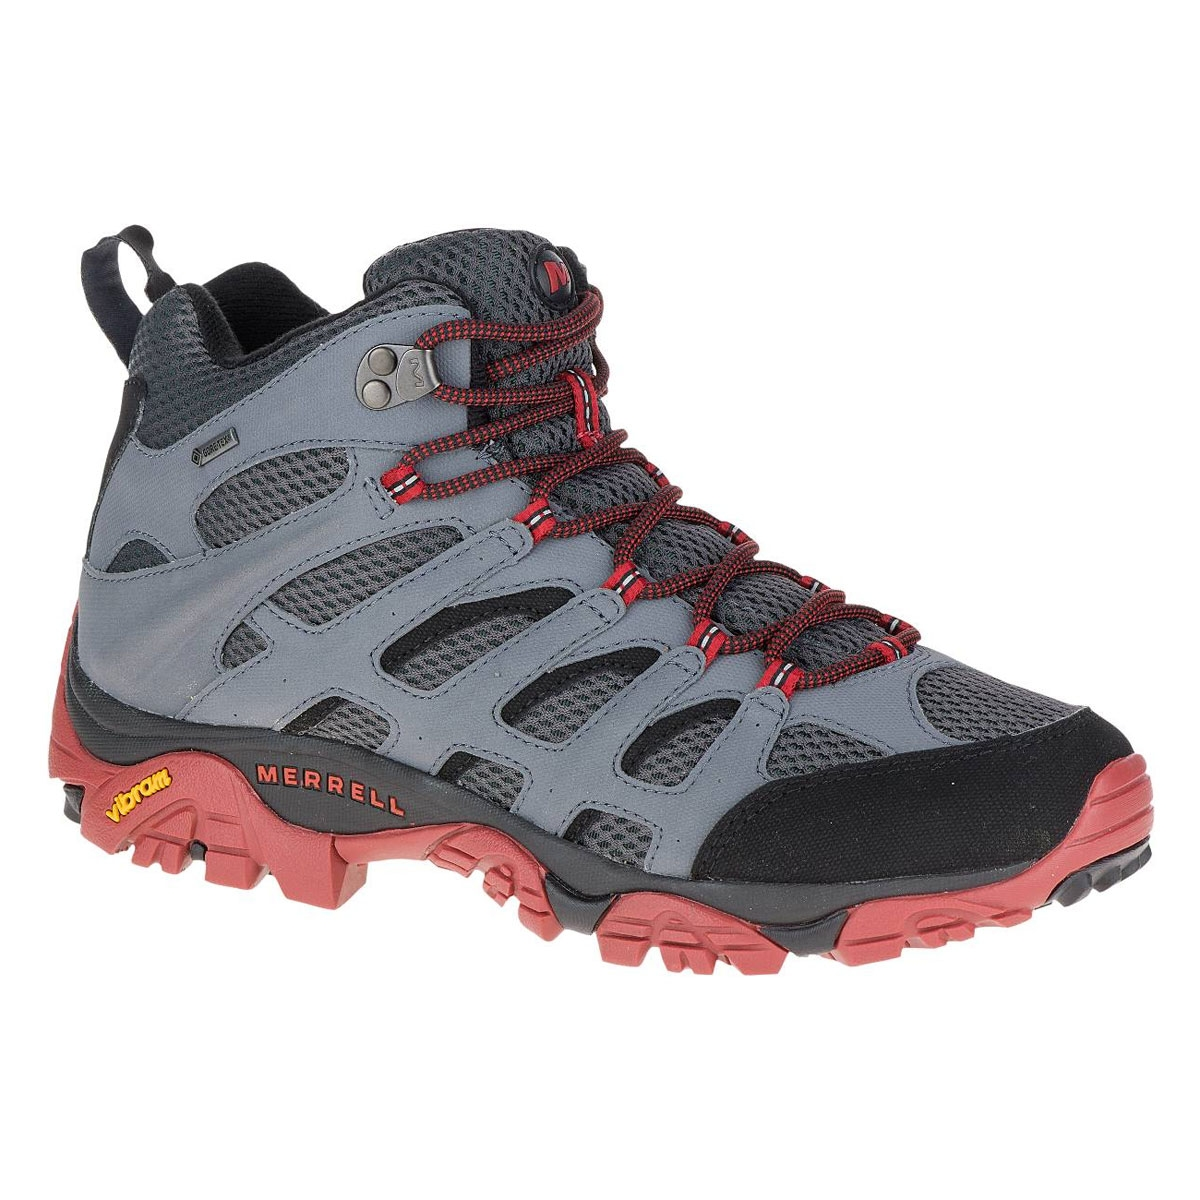 a3463728f06 Merrell Moab Mid Gore-Tex Walking Boots (Men's) - Castle Rock / Black